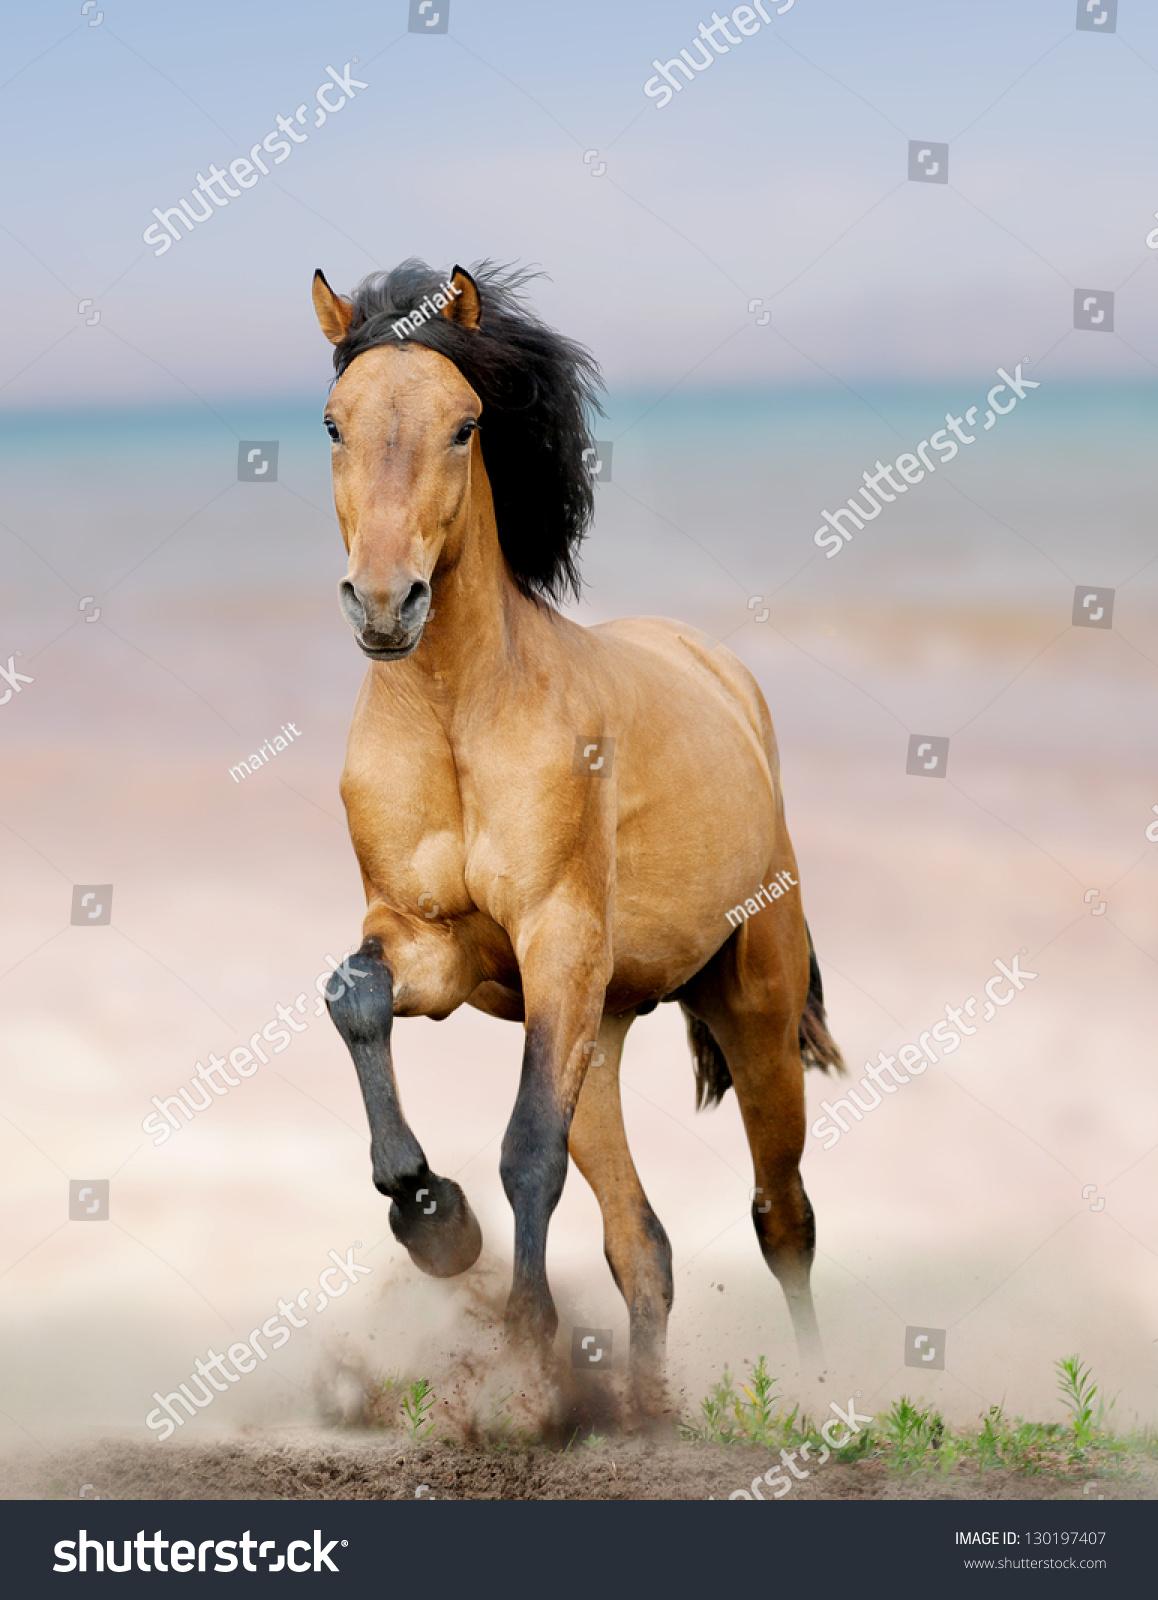 野马在海边奔跑-动物/野生生物